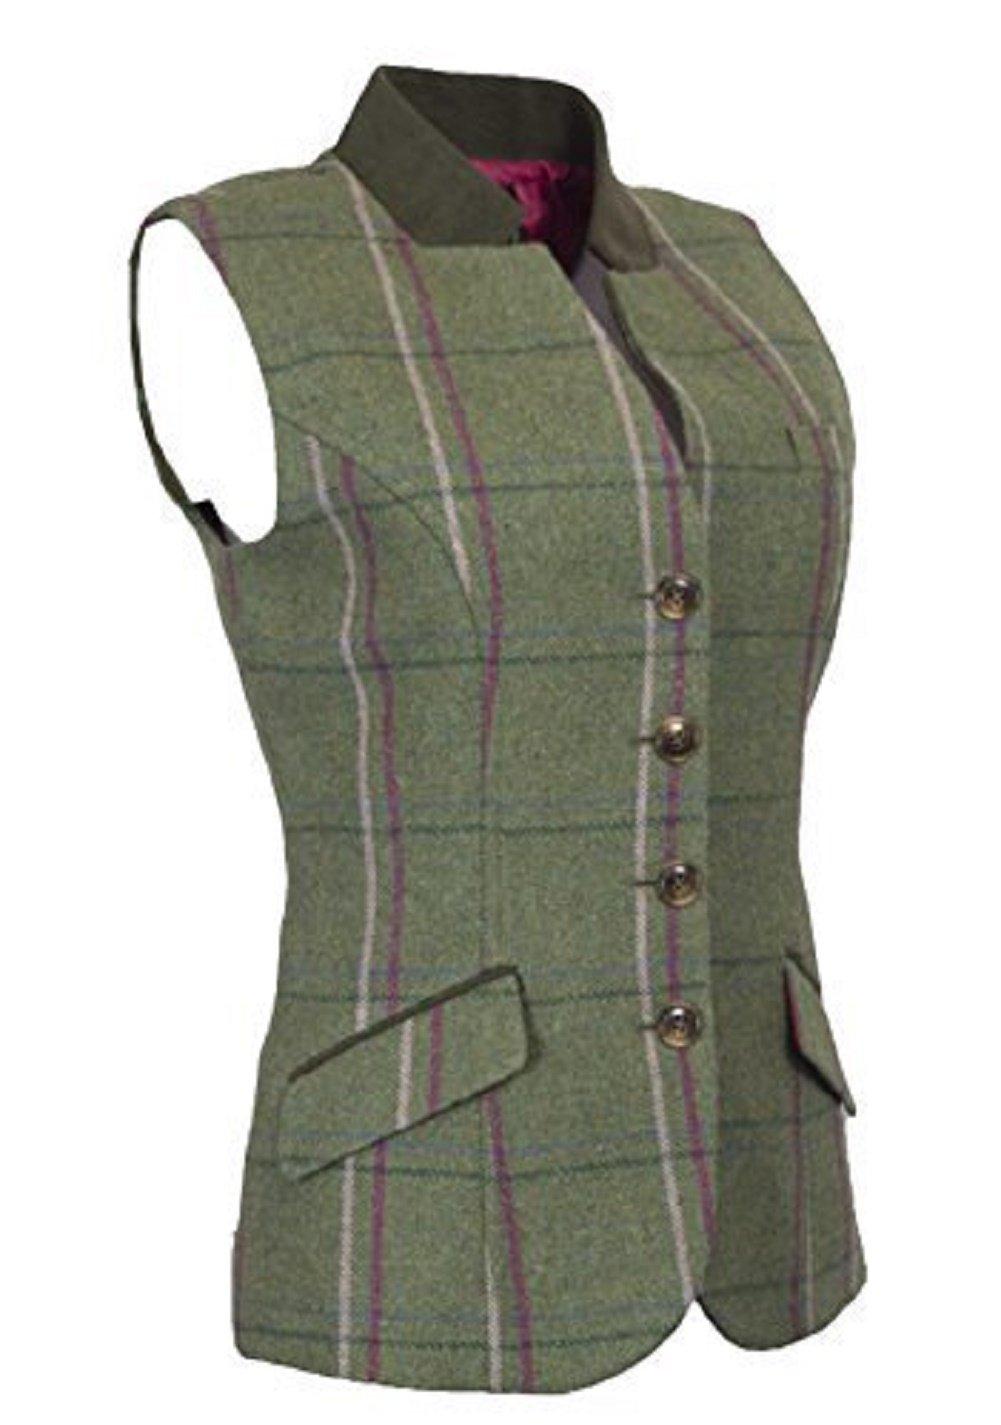 Walker & Hawkes - Ladies Tweed Margate Waistcoat Vest, Back Belt - Pink Stripe - US 10 (UK 14)